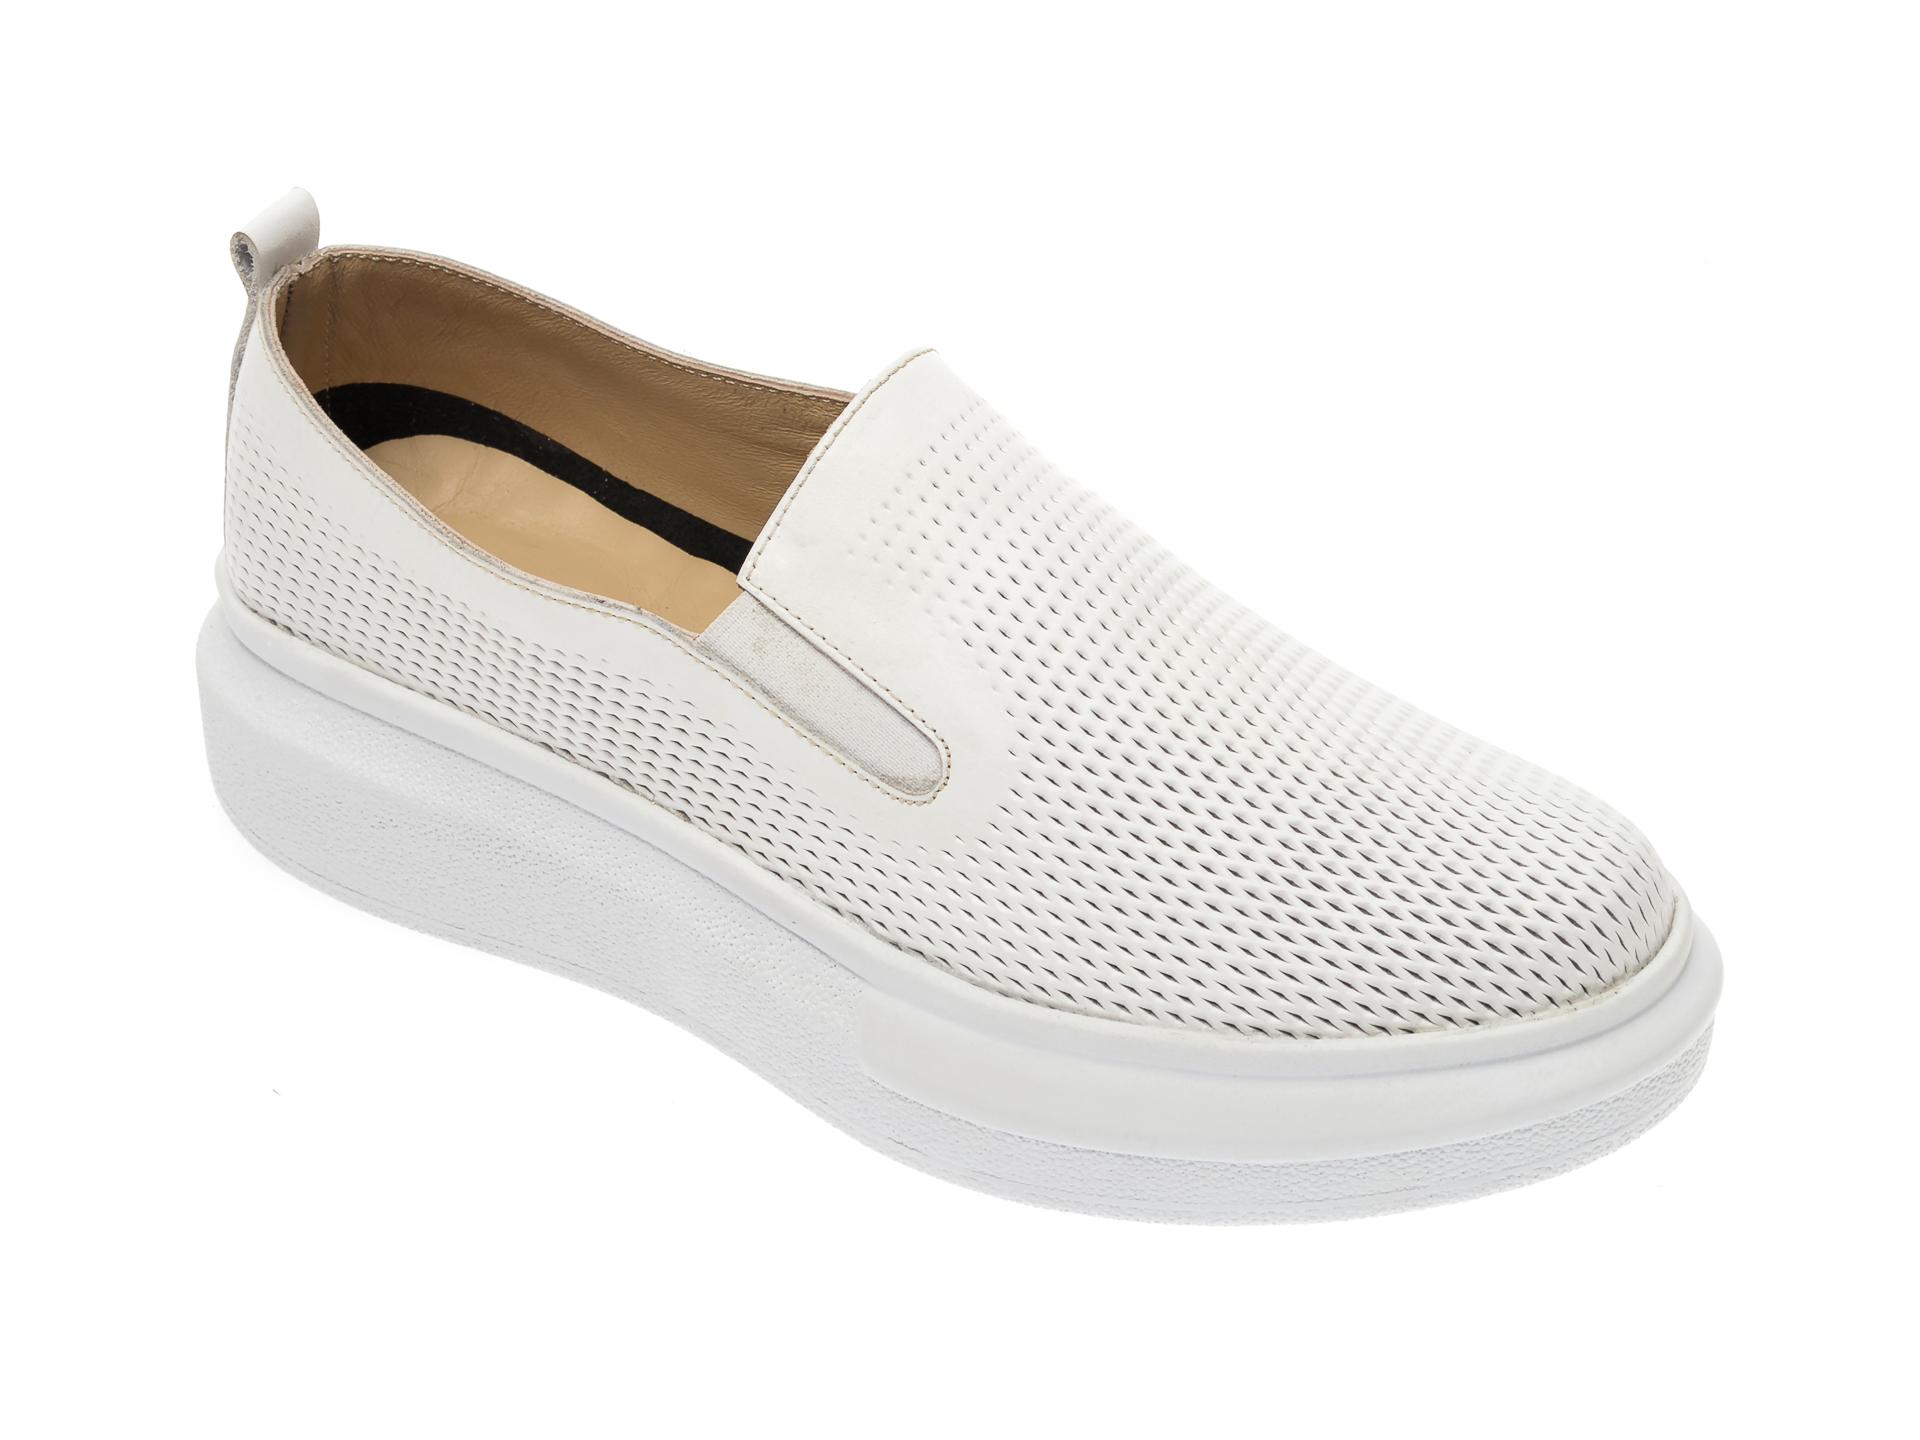 Pantofi PASS COLLECTION albi, K92102, din piele naturala